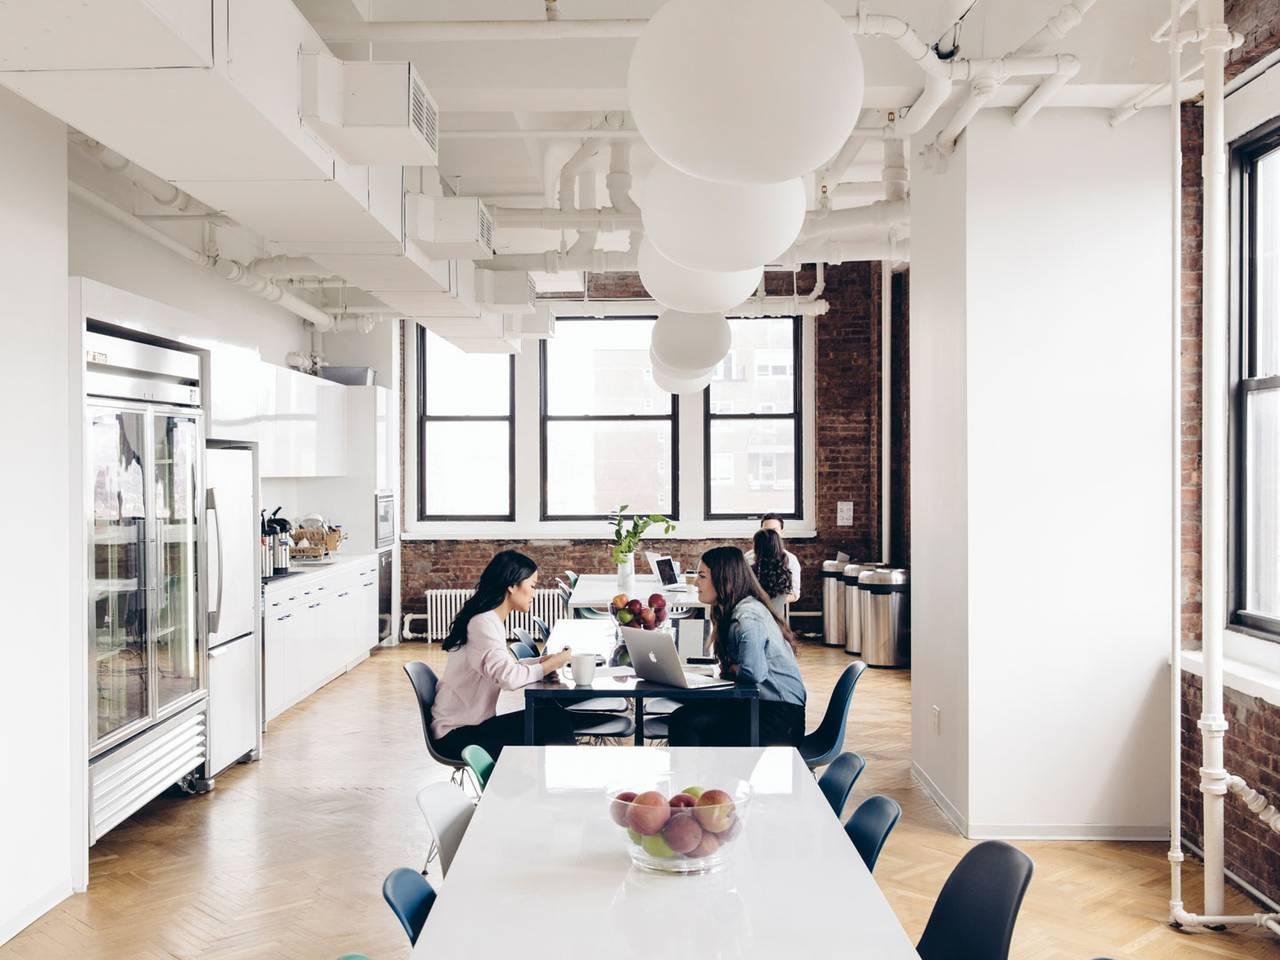 Conoce Living Office y crea tu oficina ideal : Fotografía © Herman Miller México